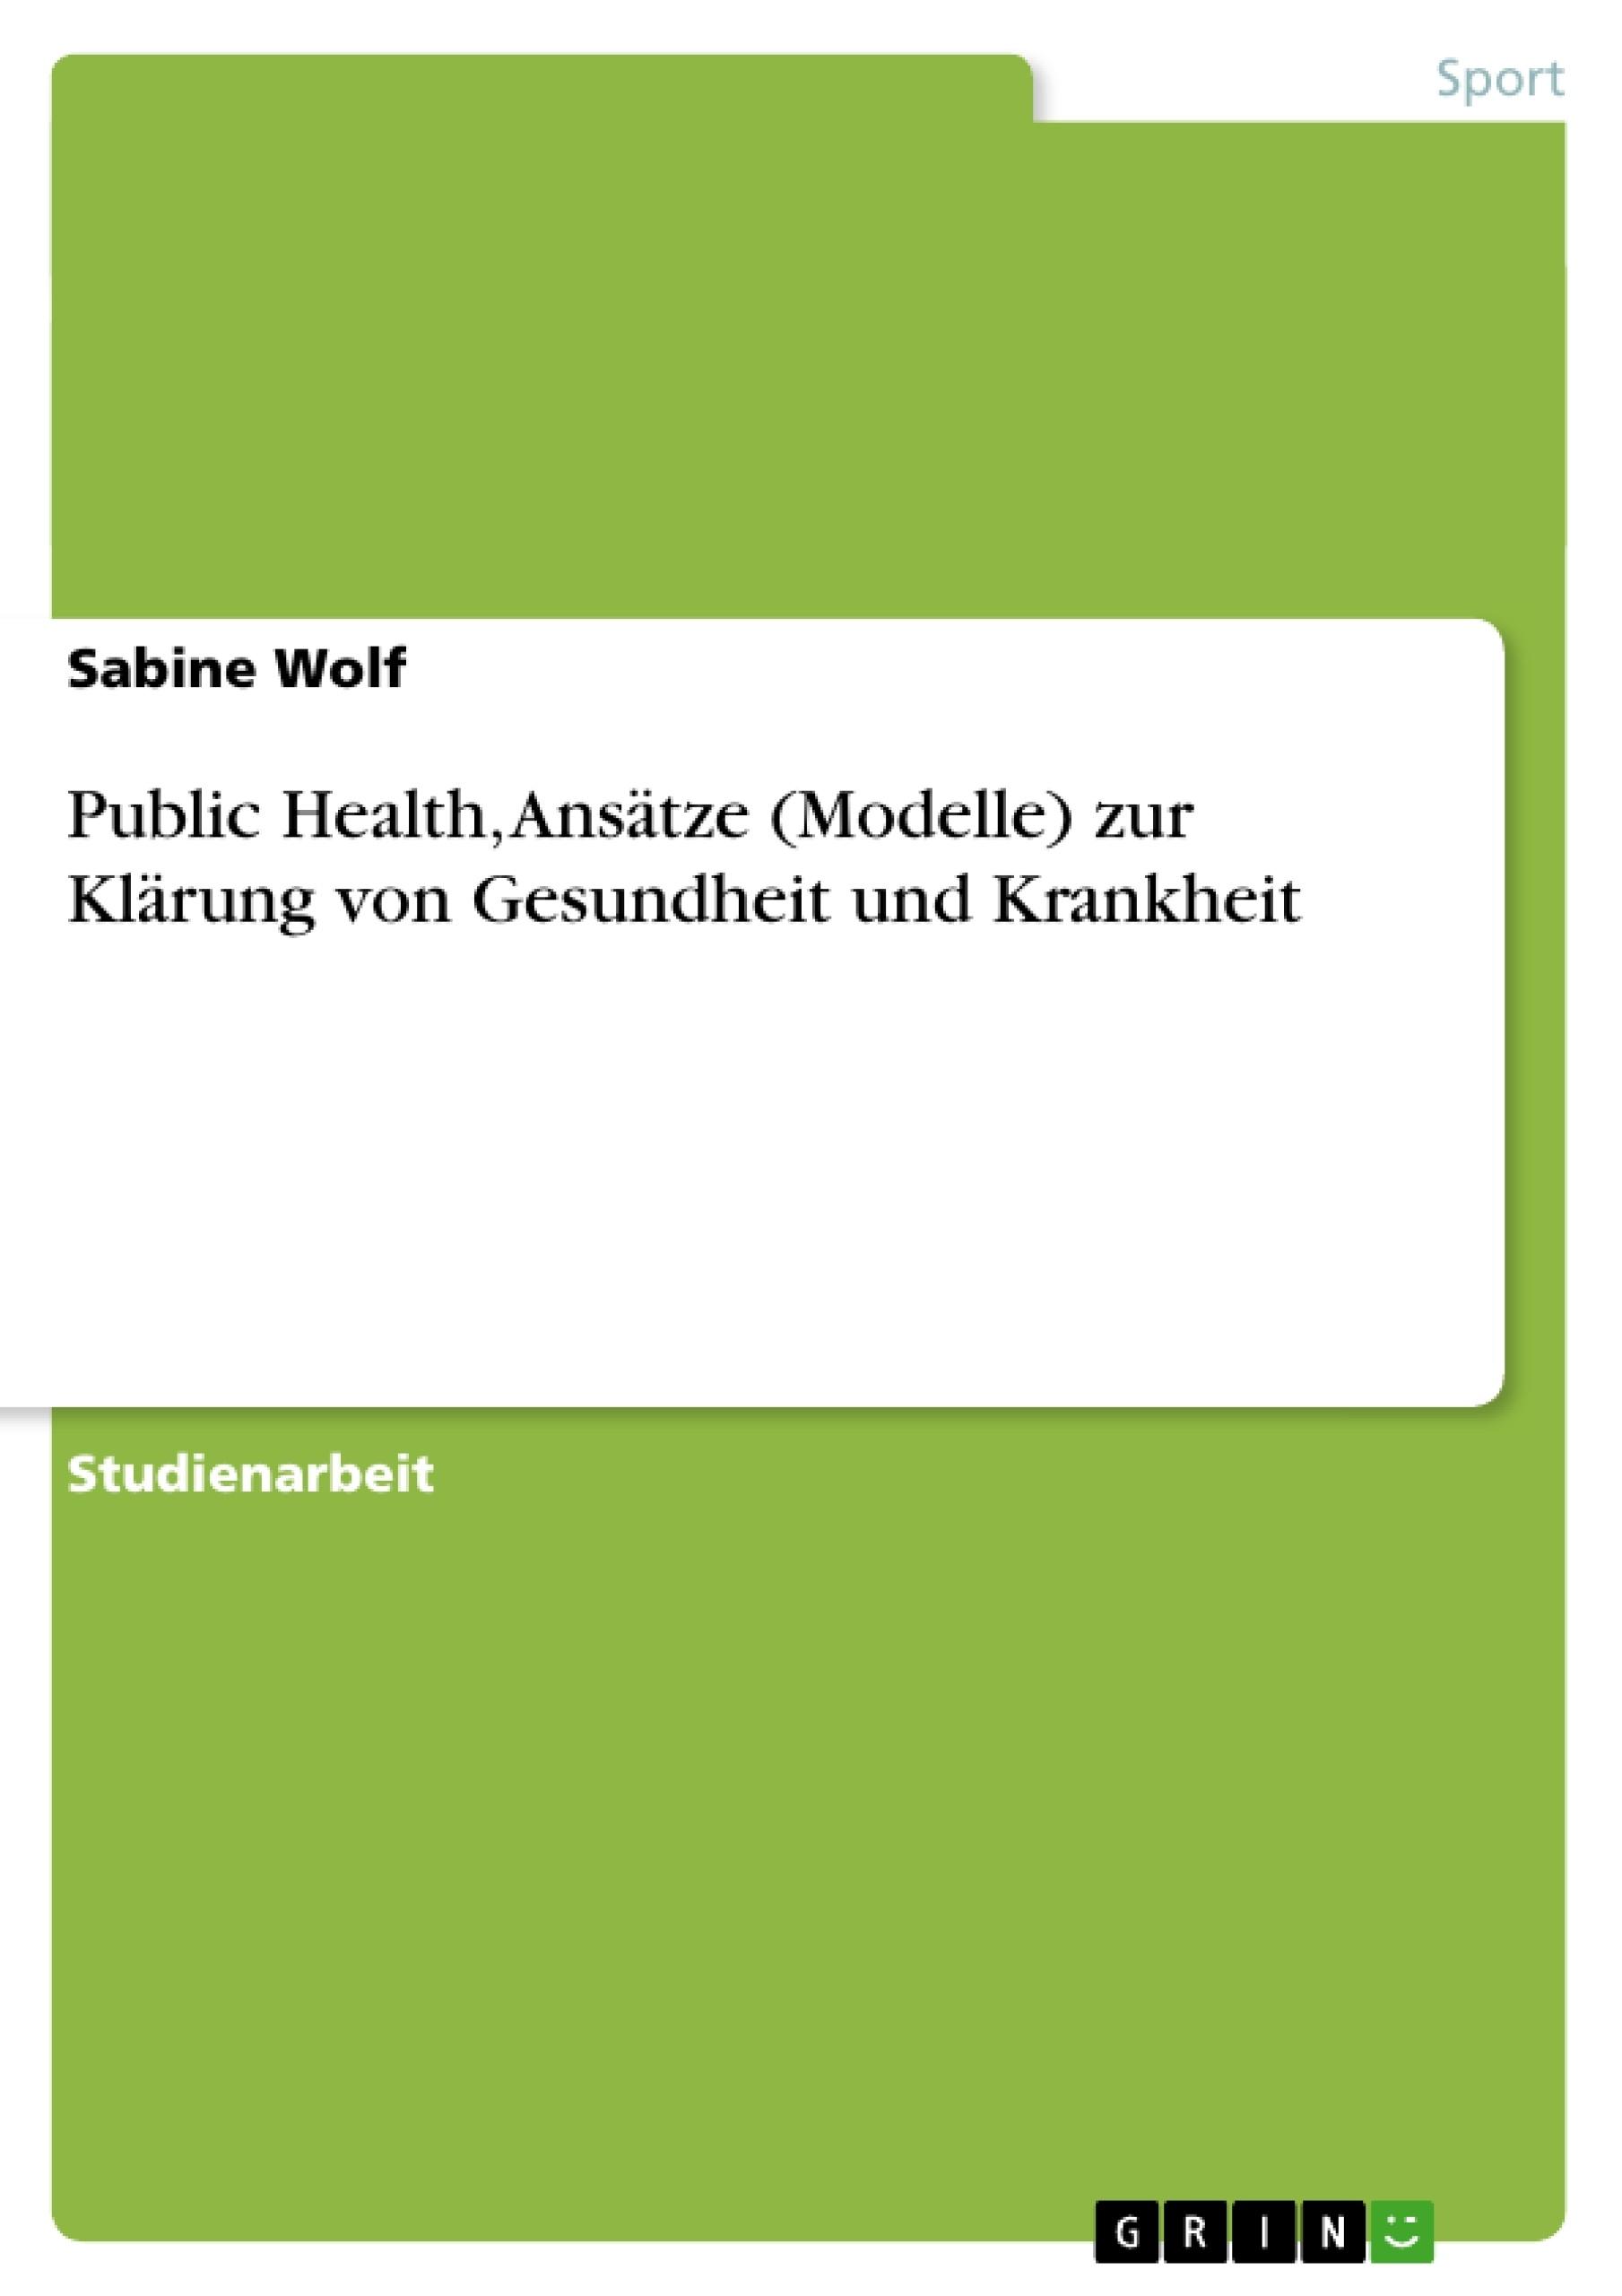 Titel: Public Health, Ansätze (Modelle) zur Klärung von Gesundheit und Krankheit